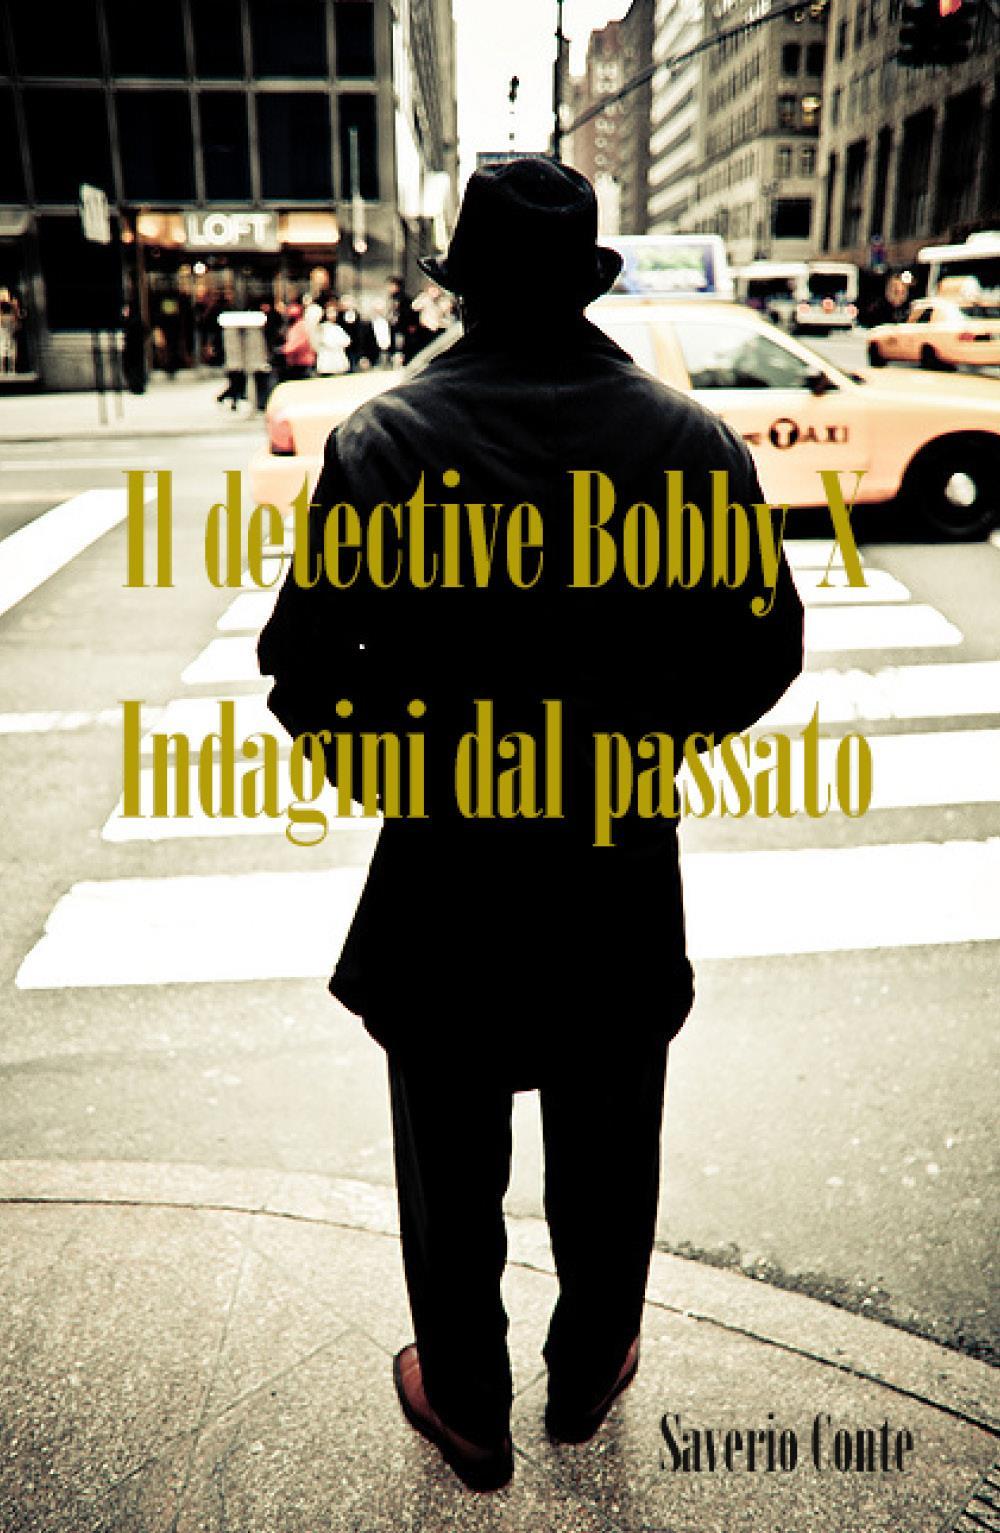 Il detective Bobby X - Indagini dal passato